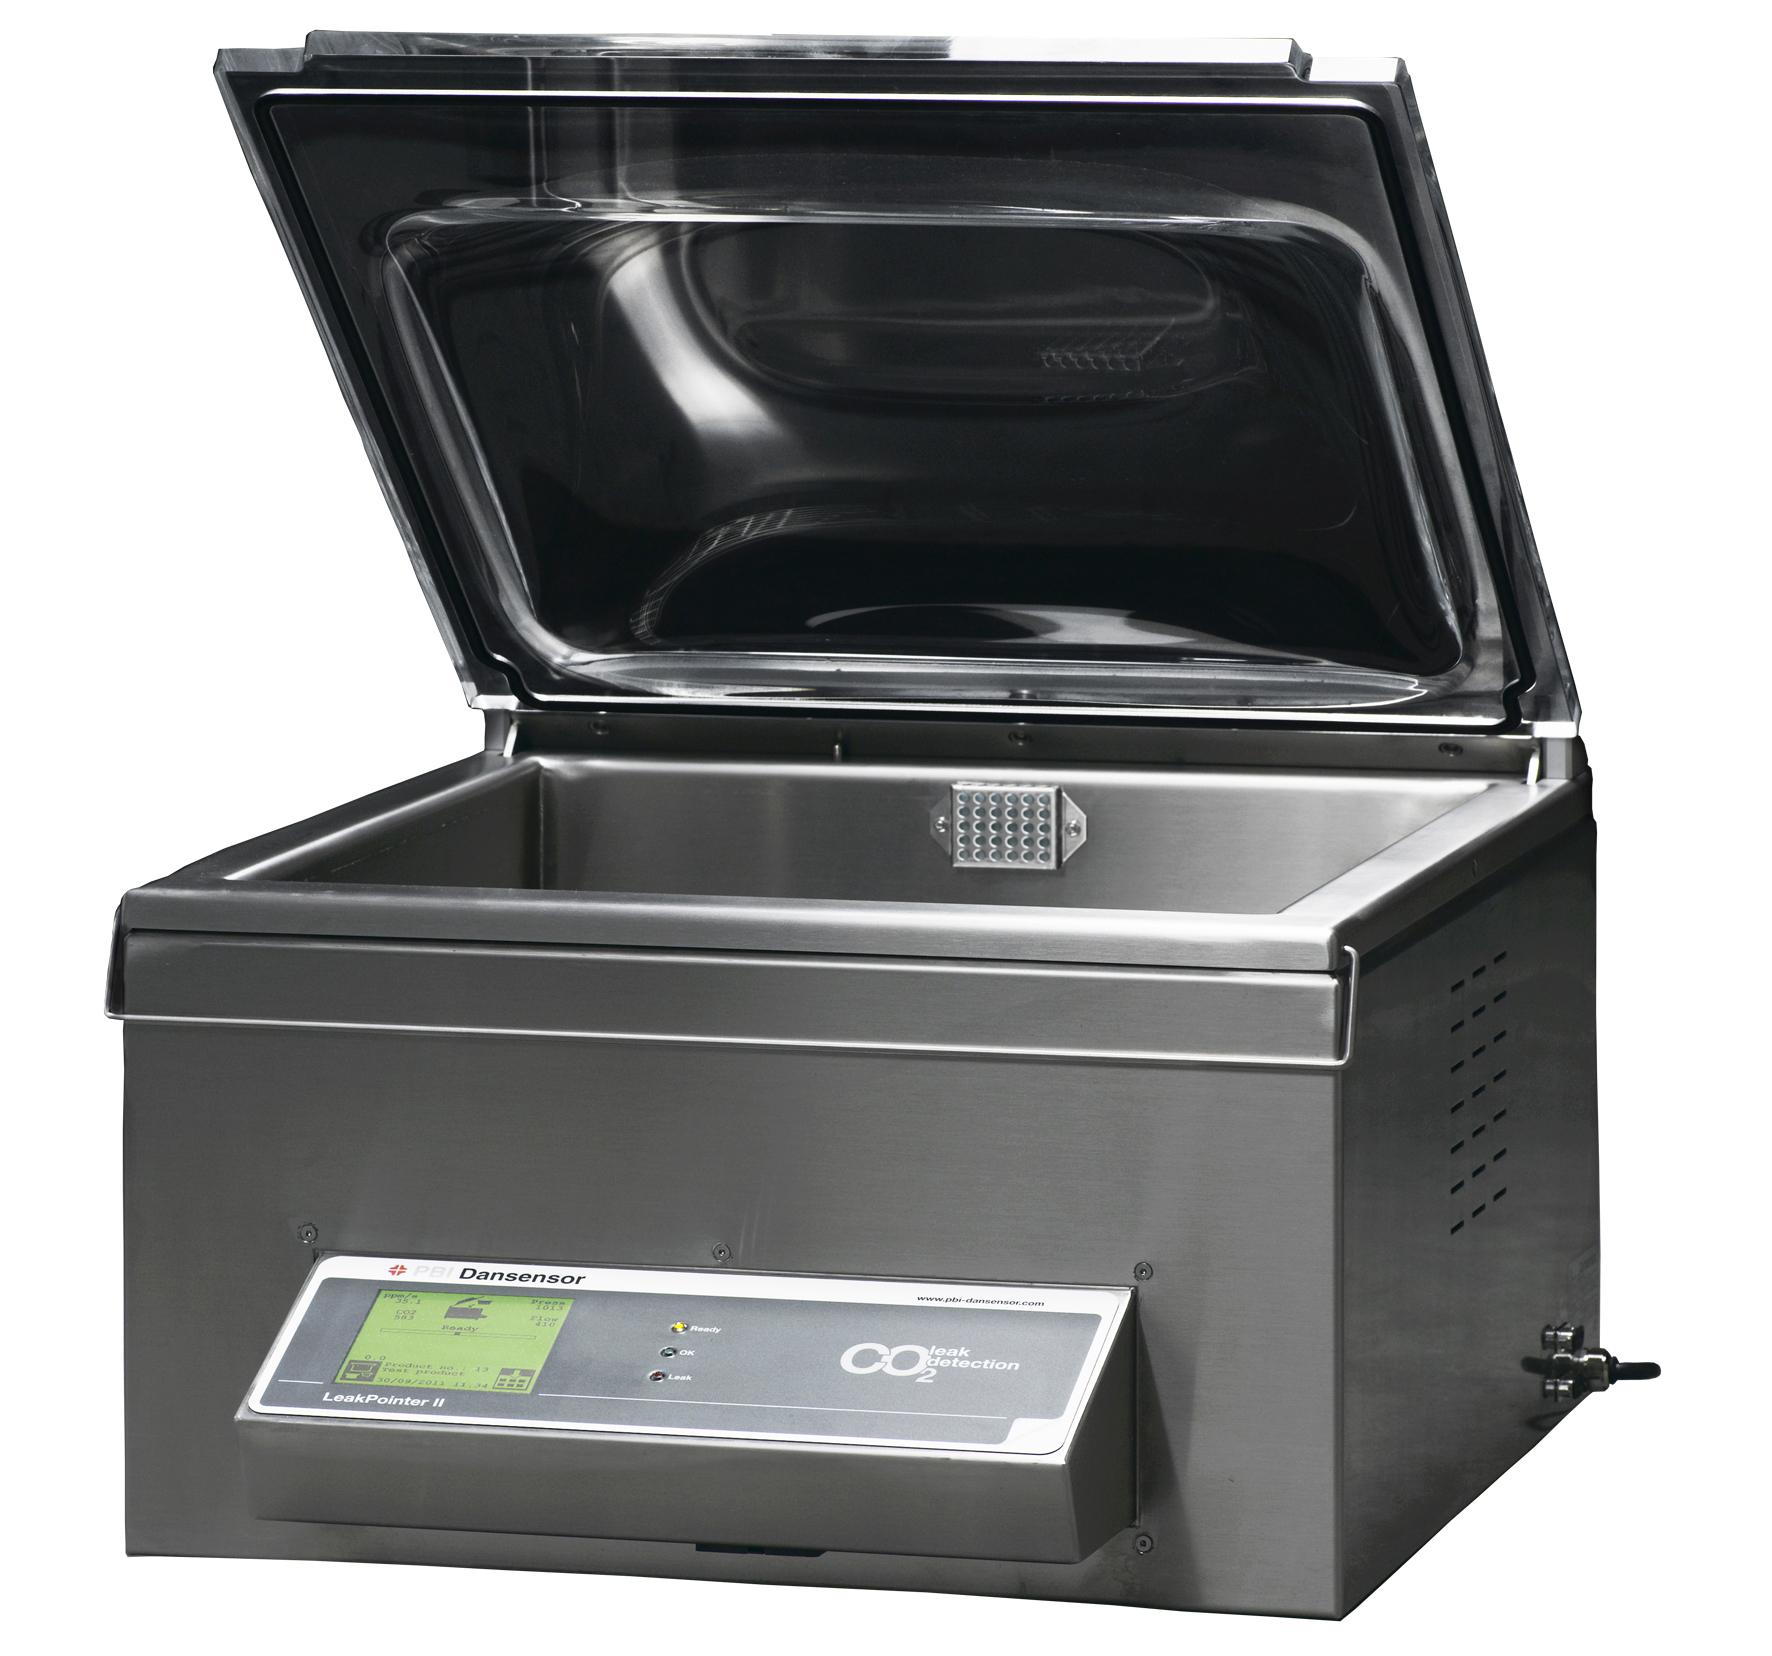 Dansensor LeakPointer II Benchtop Leak Detector